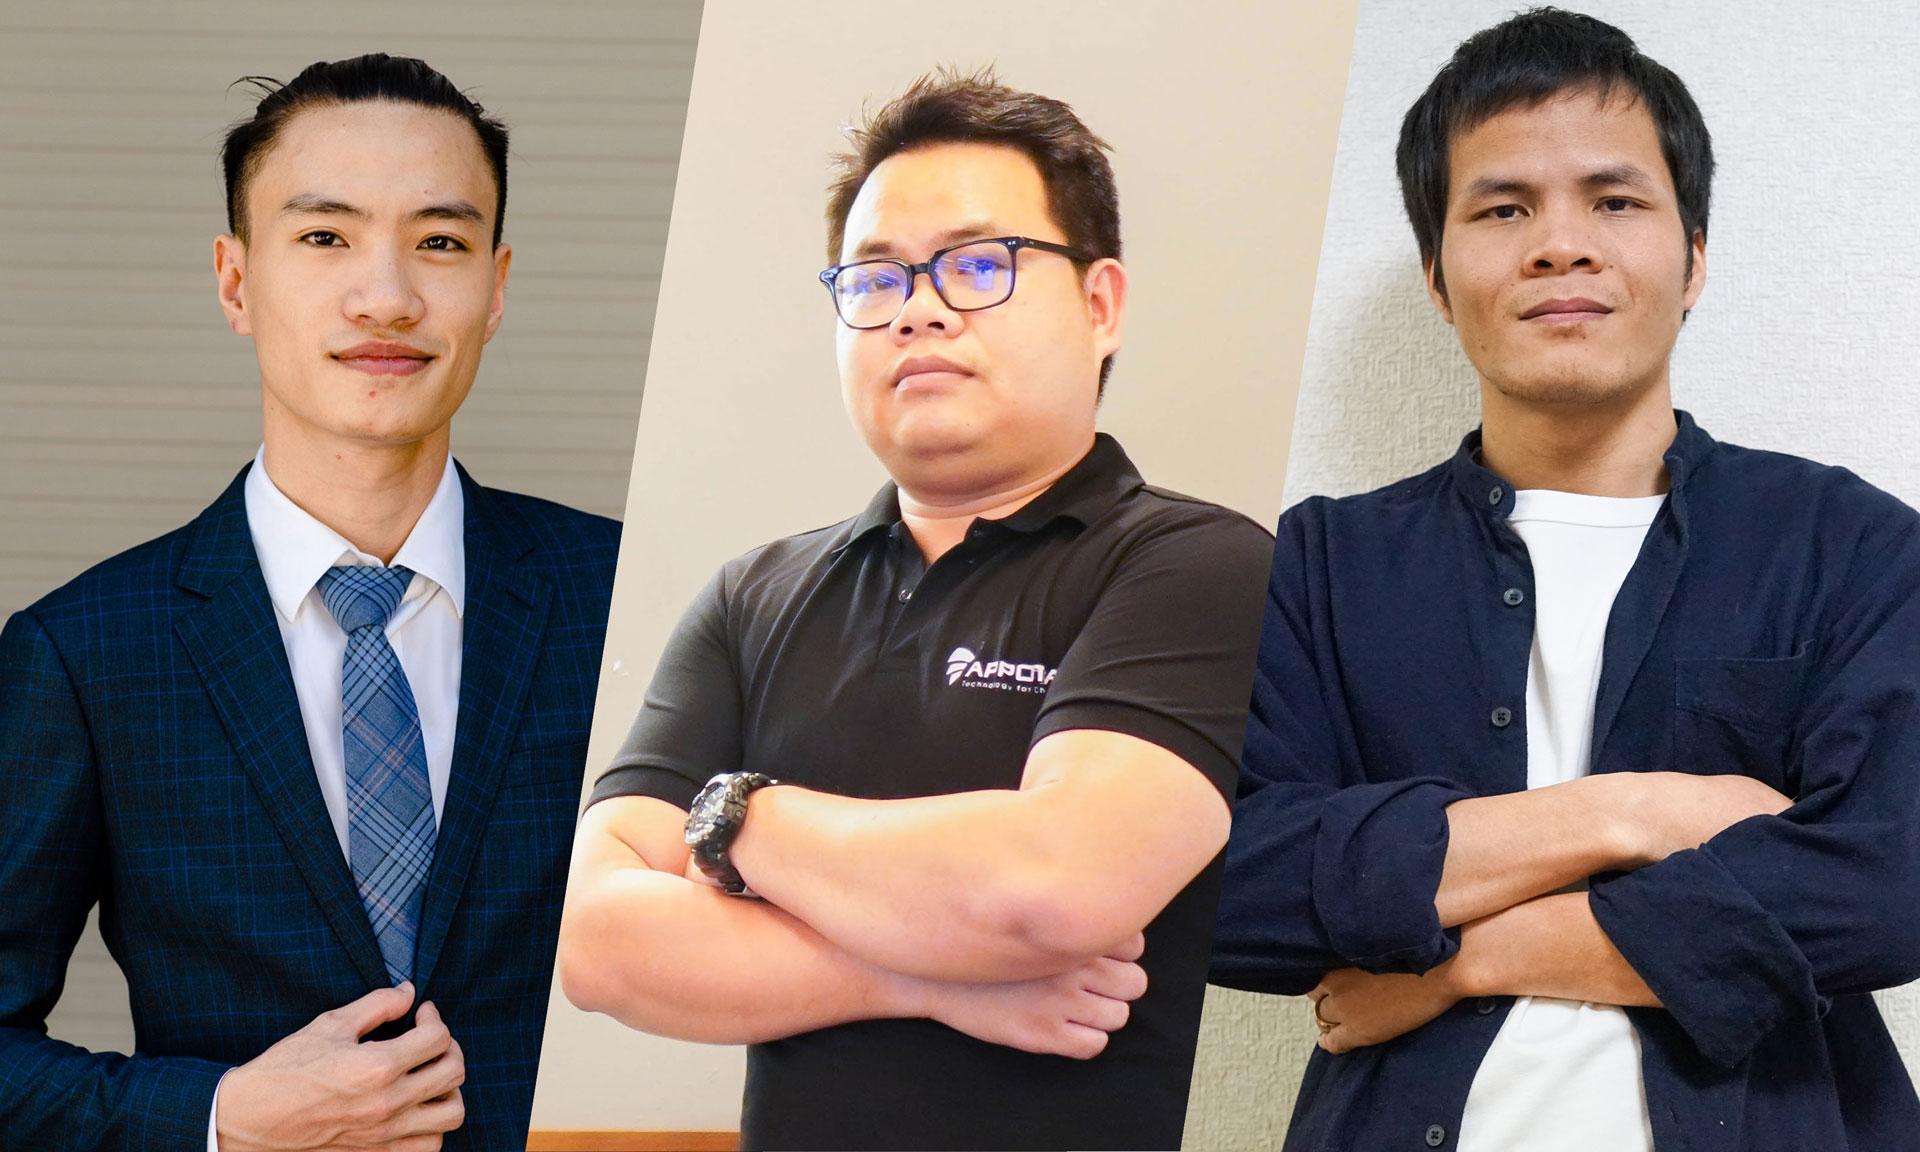 Từ trái qua phải, ba lãnh đạo công nghệ trẻ sẽ tham gia CTO Talks ngày 14/5 là Nguyễn Anh Tài, Nguyễn Văn Vũ và Nguyễn Trí Dũng.